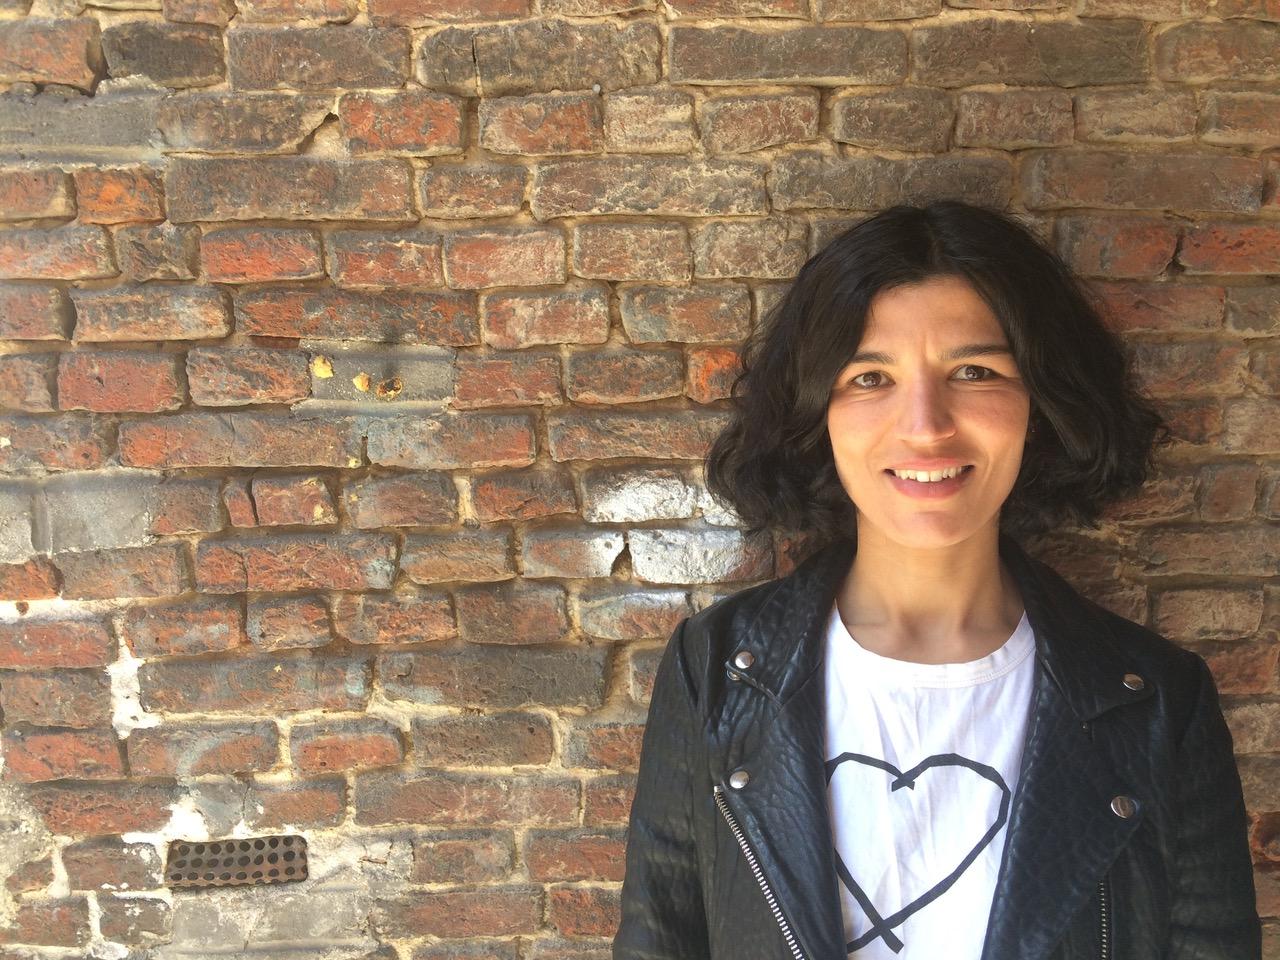 La sociologue Madjouline Sbai, spécialisée en environnement